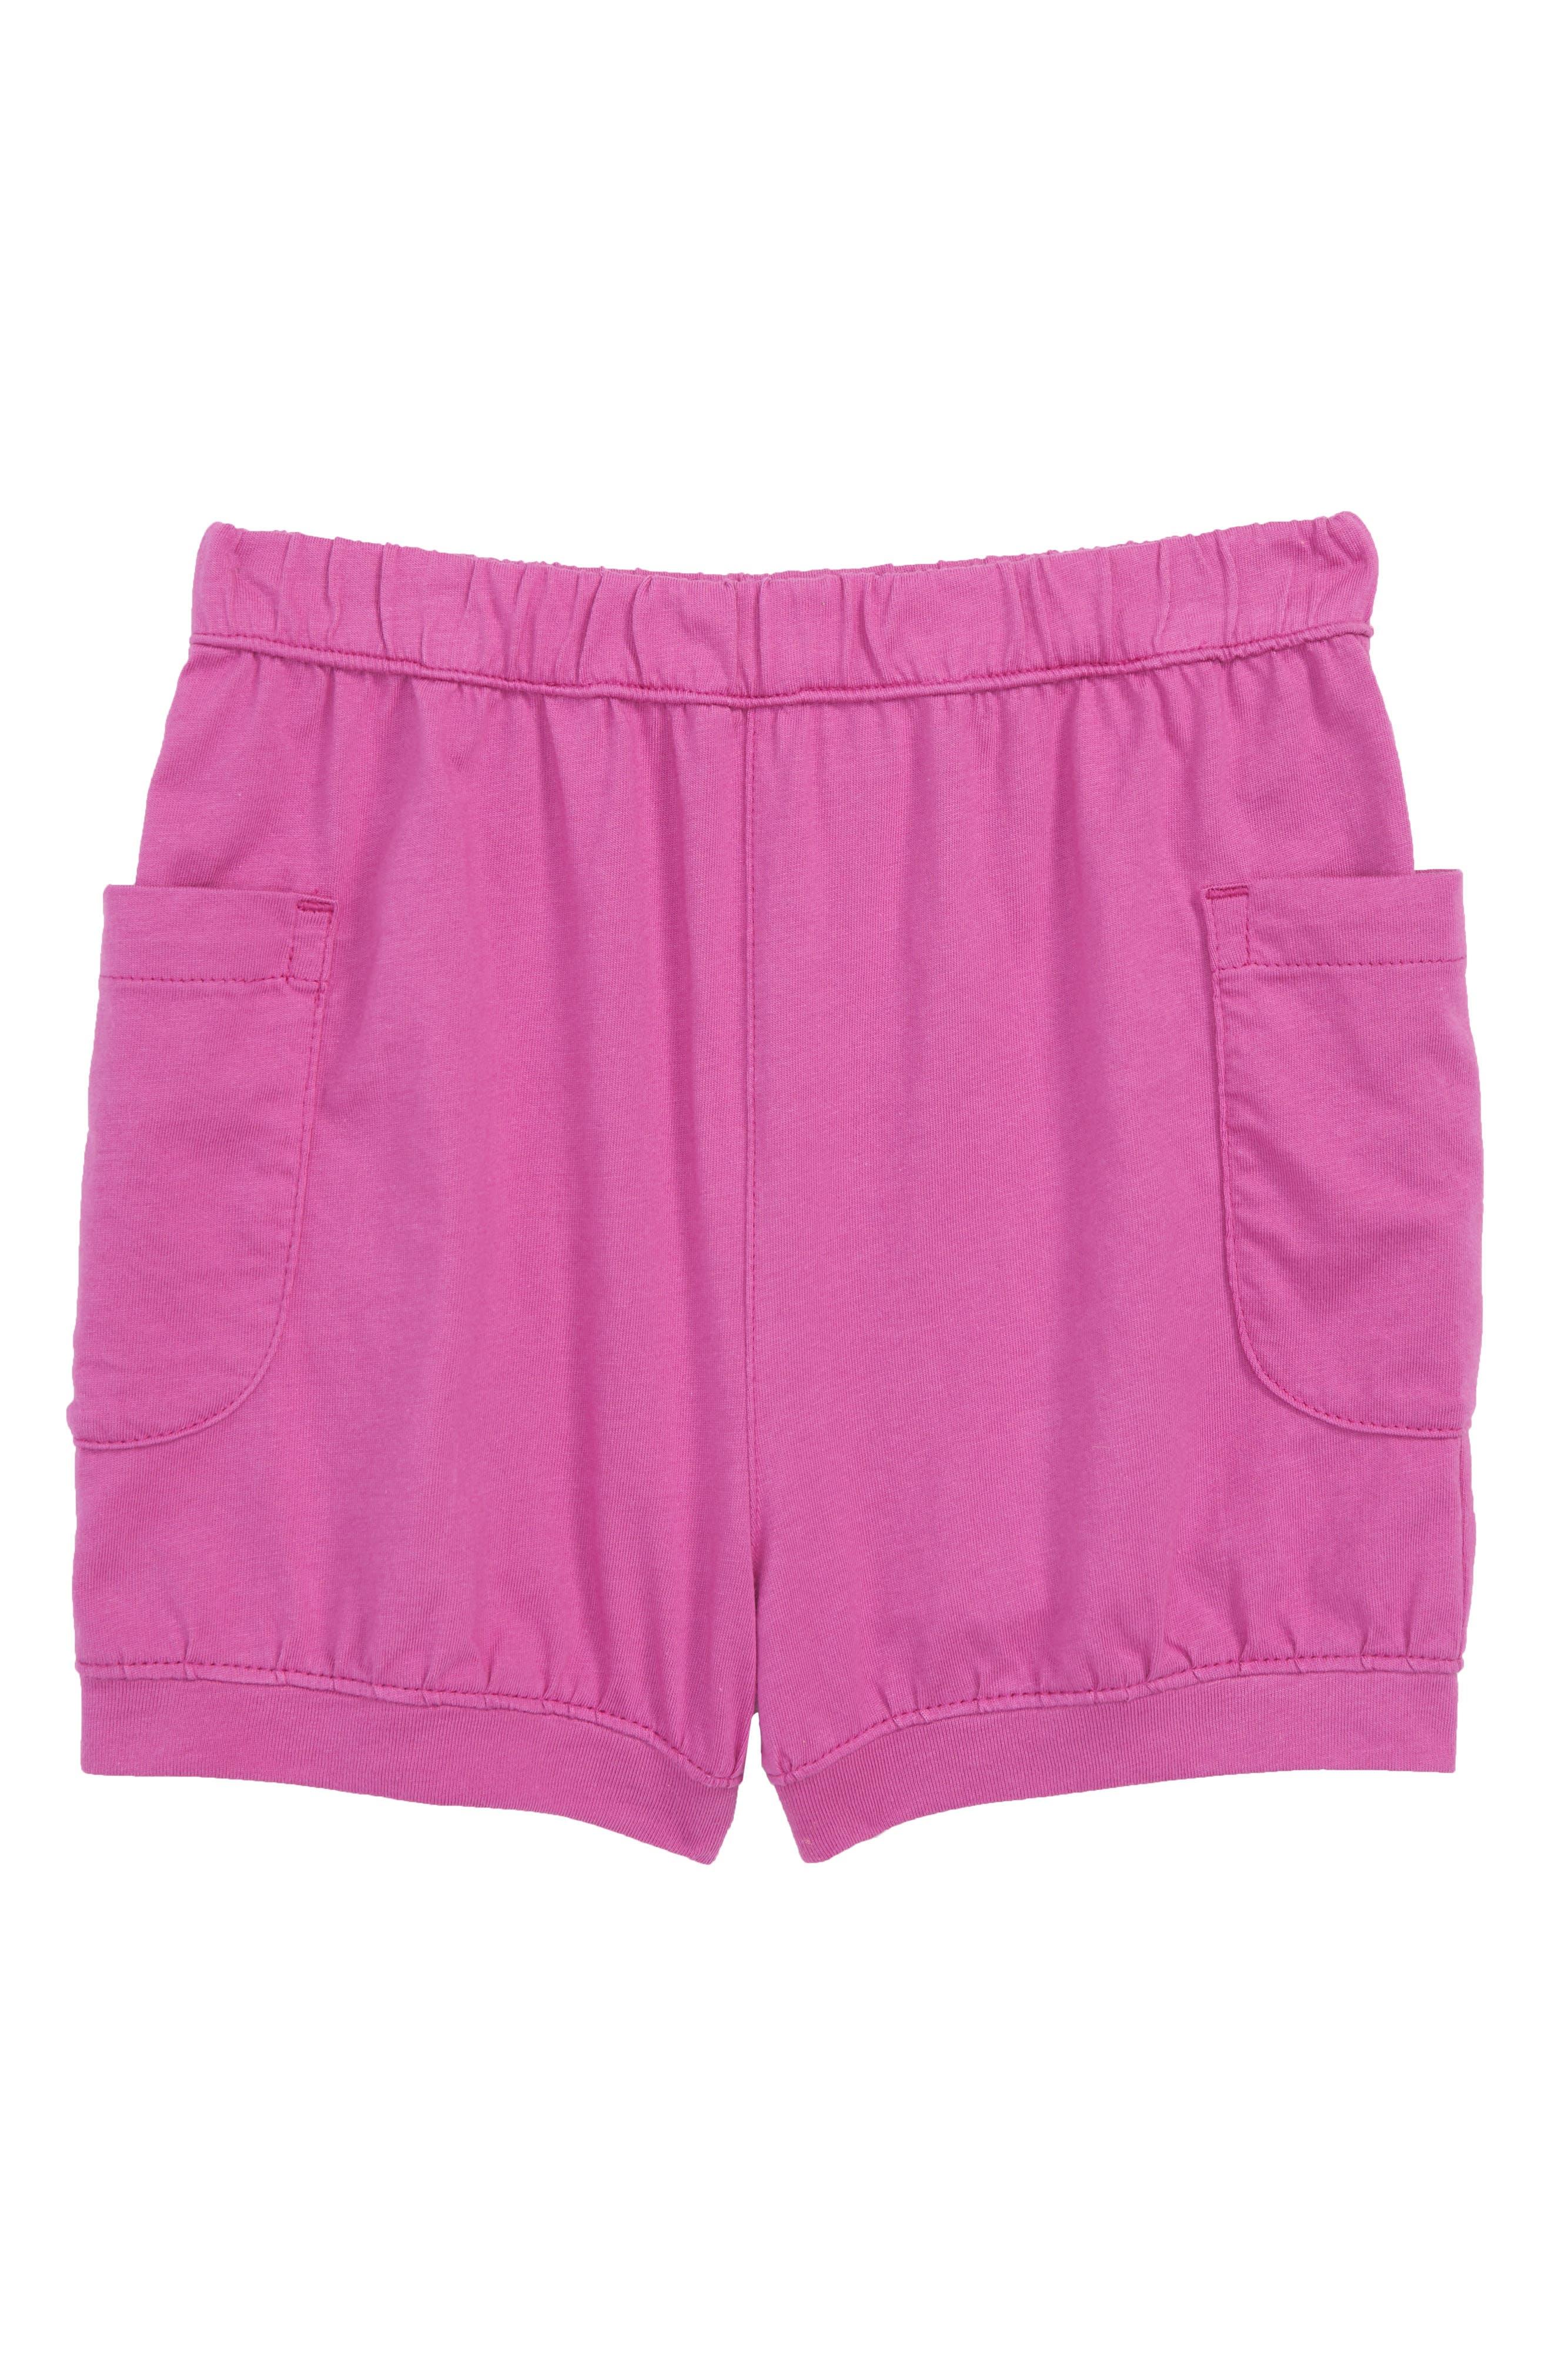 Easy Pocket Shorts,                             Main thumbnail 1, color,                             671